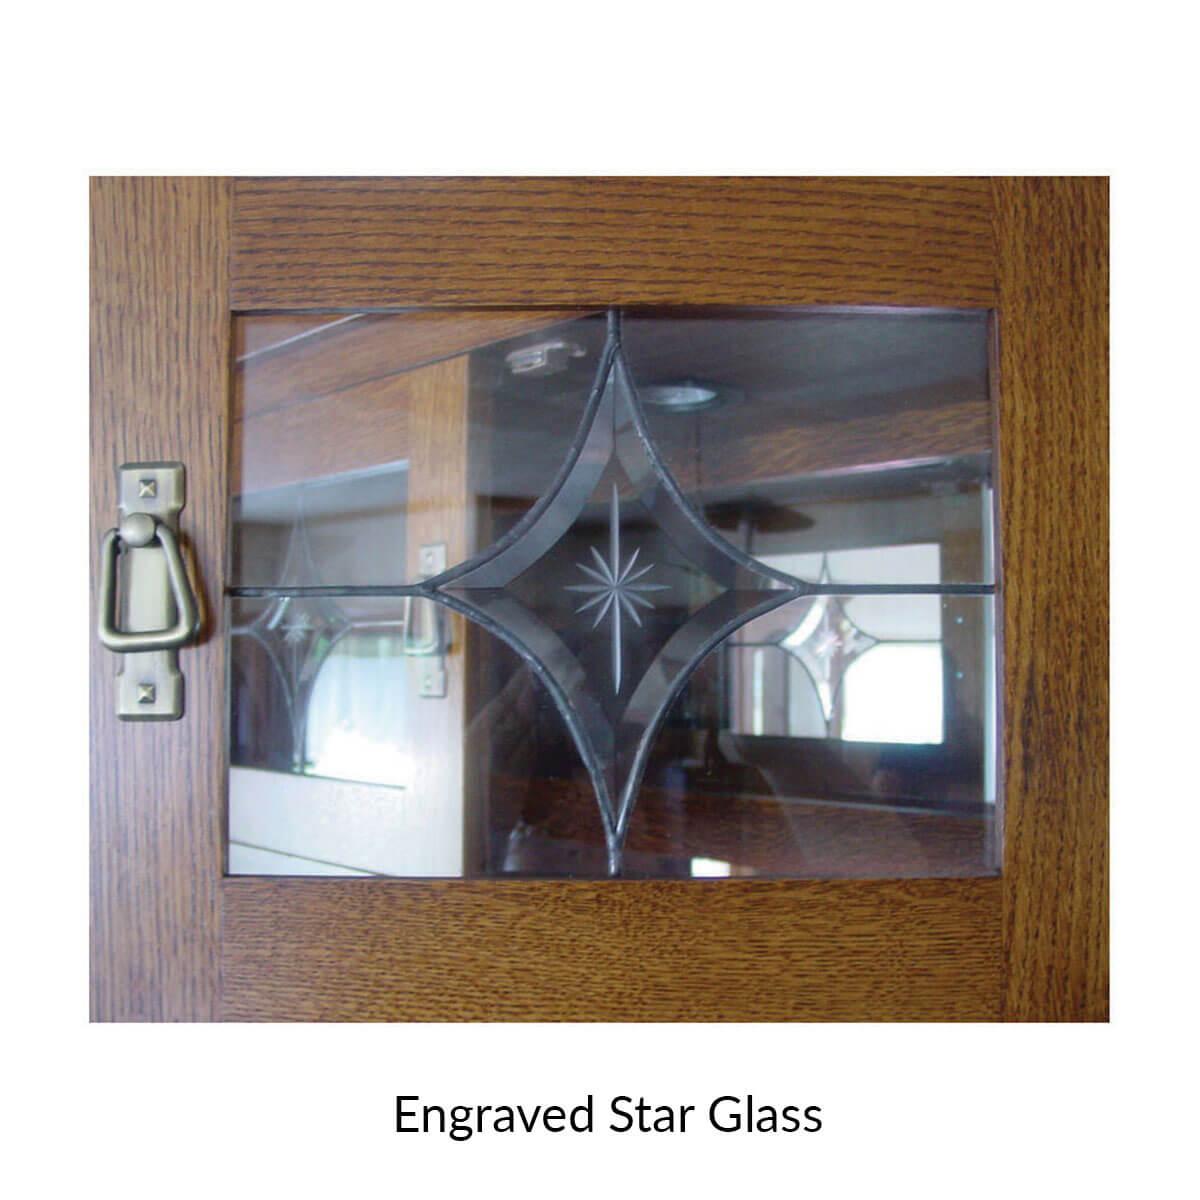 6-engraved-star-glass.jpg